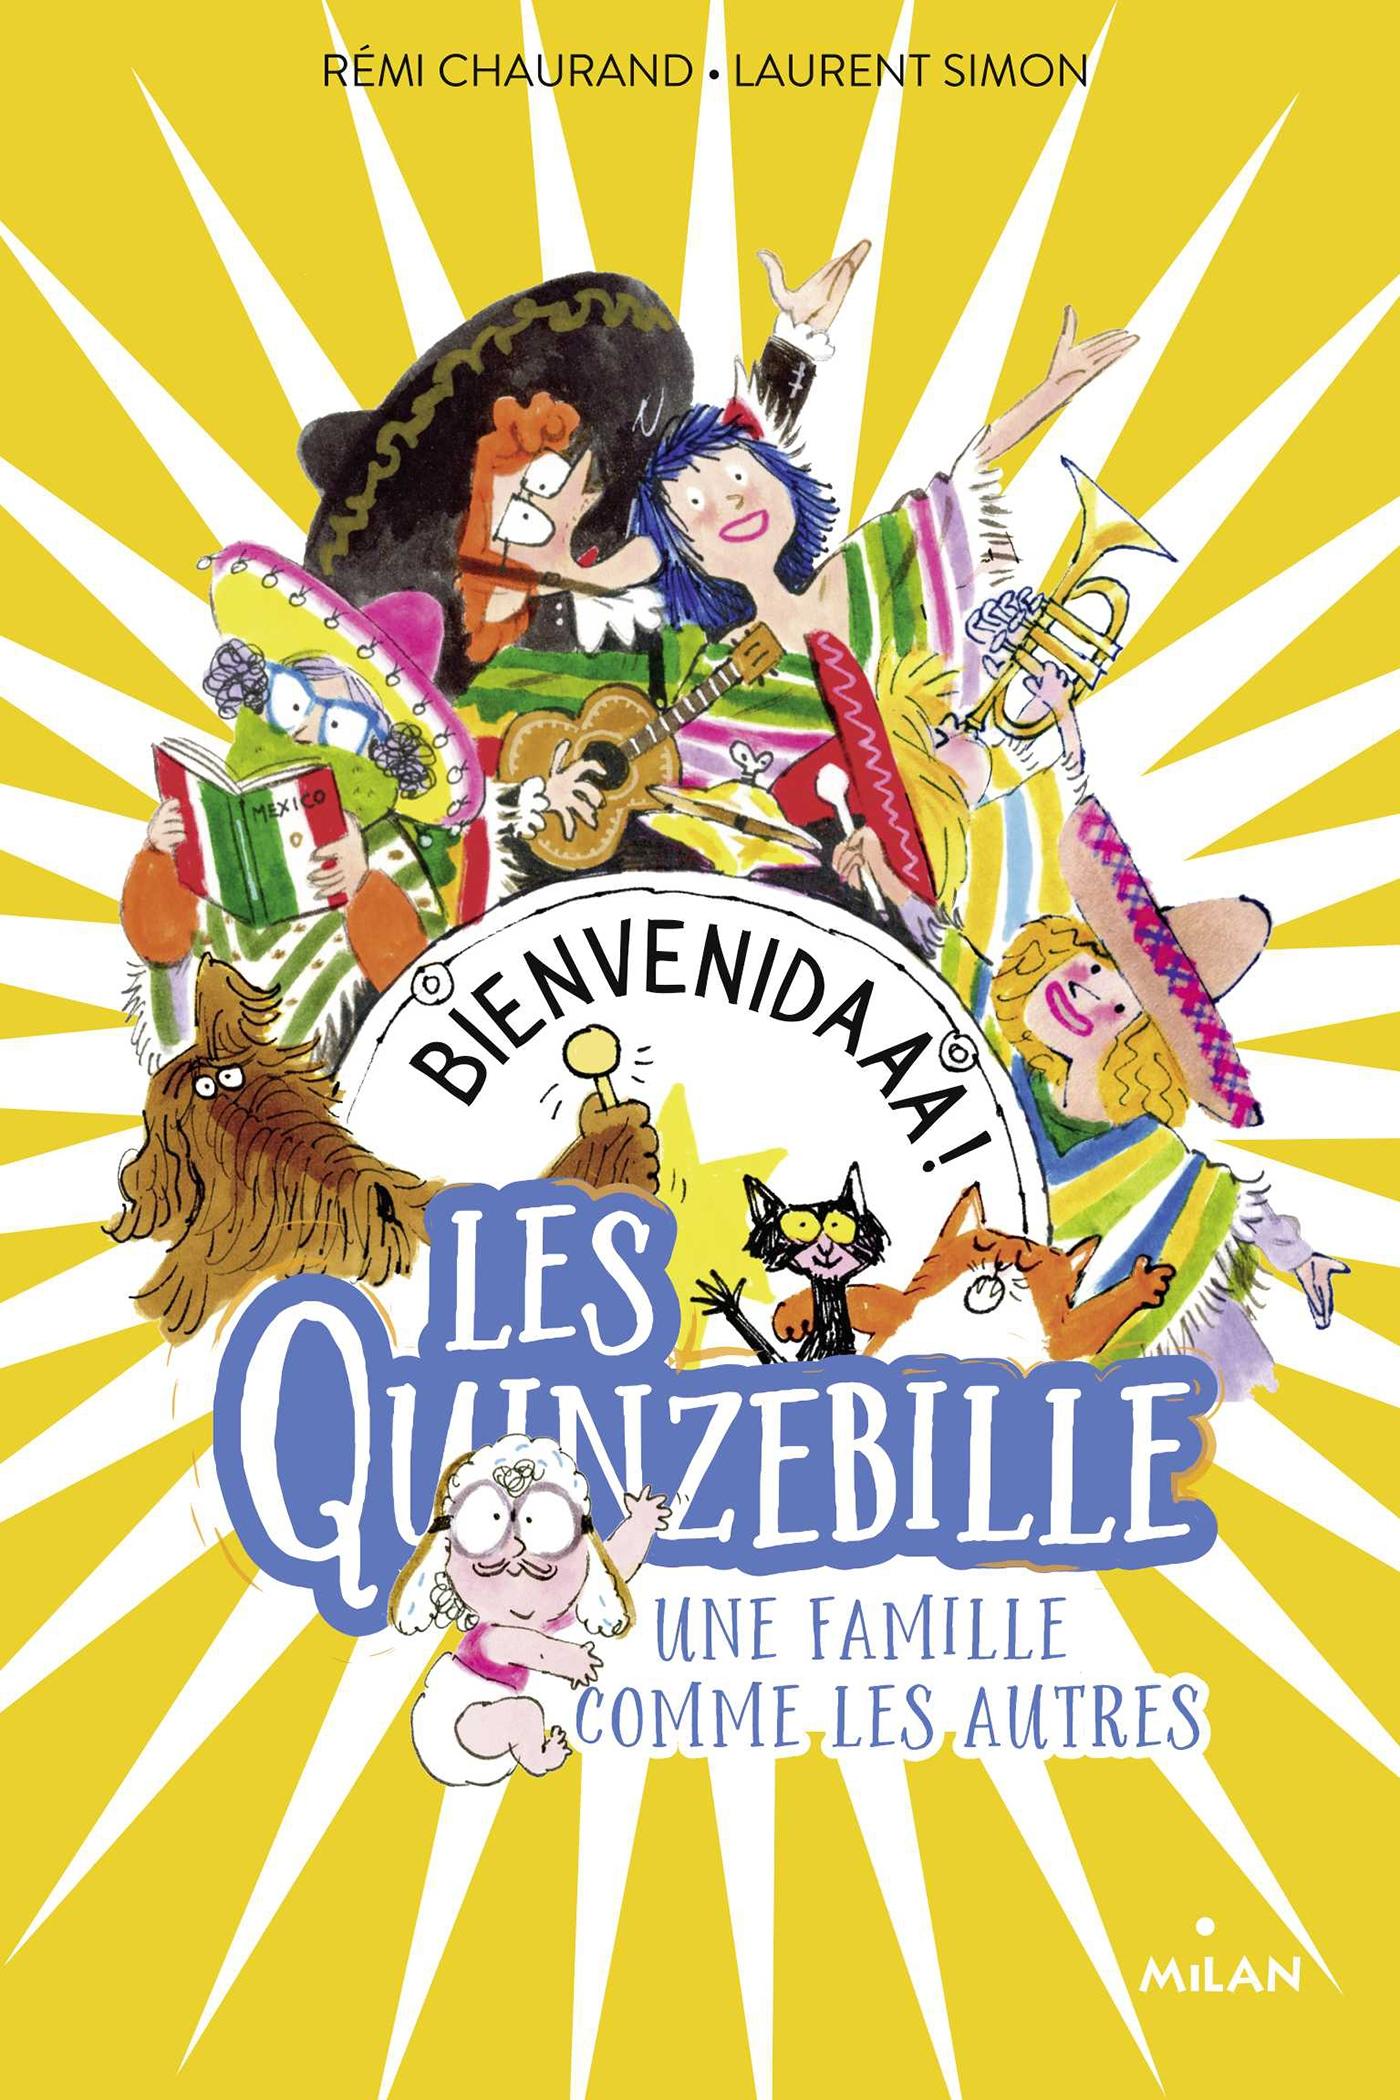 Les Quinzebille, Tome 02 | Chaurand, Rémi. Auteur